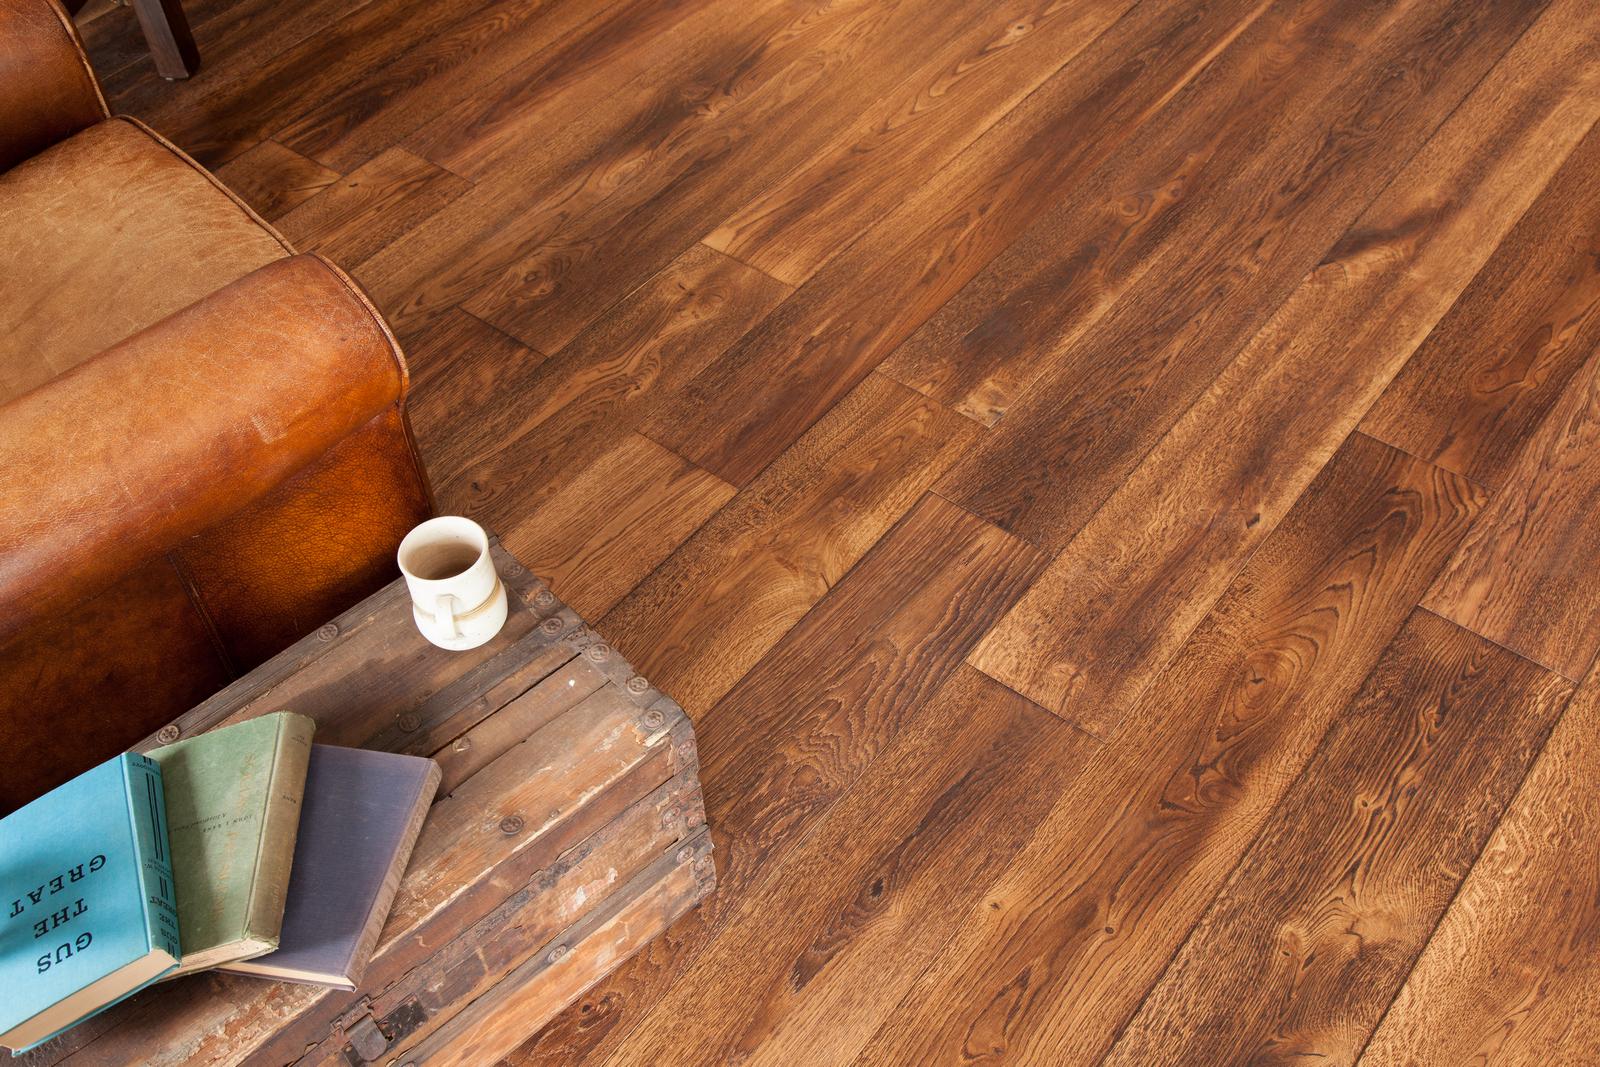 2016 flooring design trends for Wood floor trends 2016